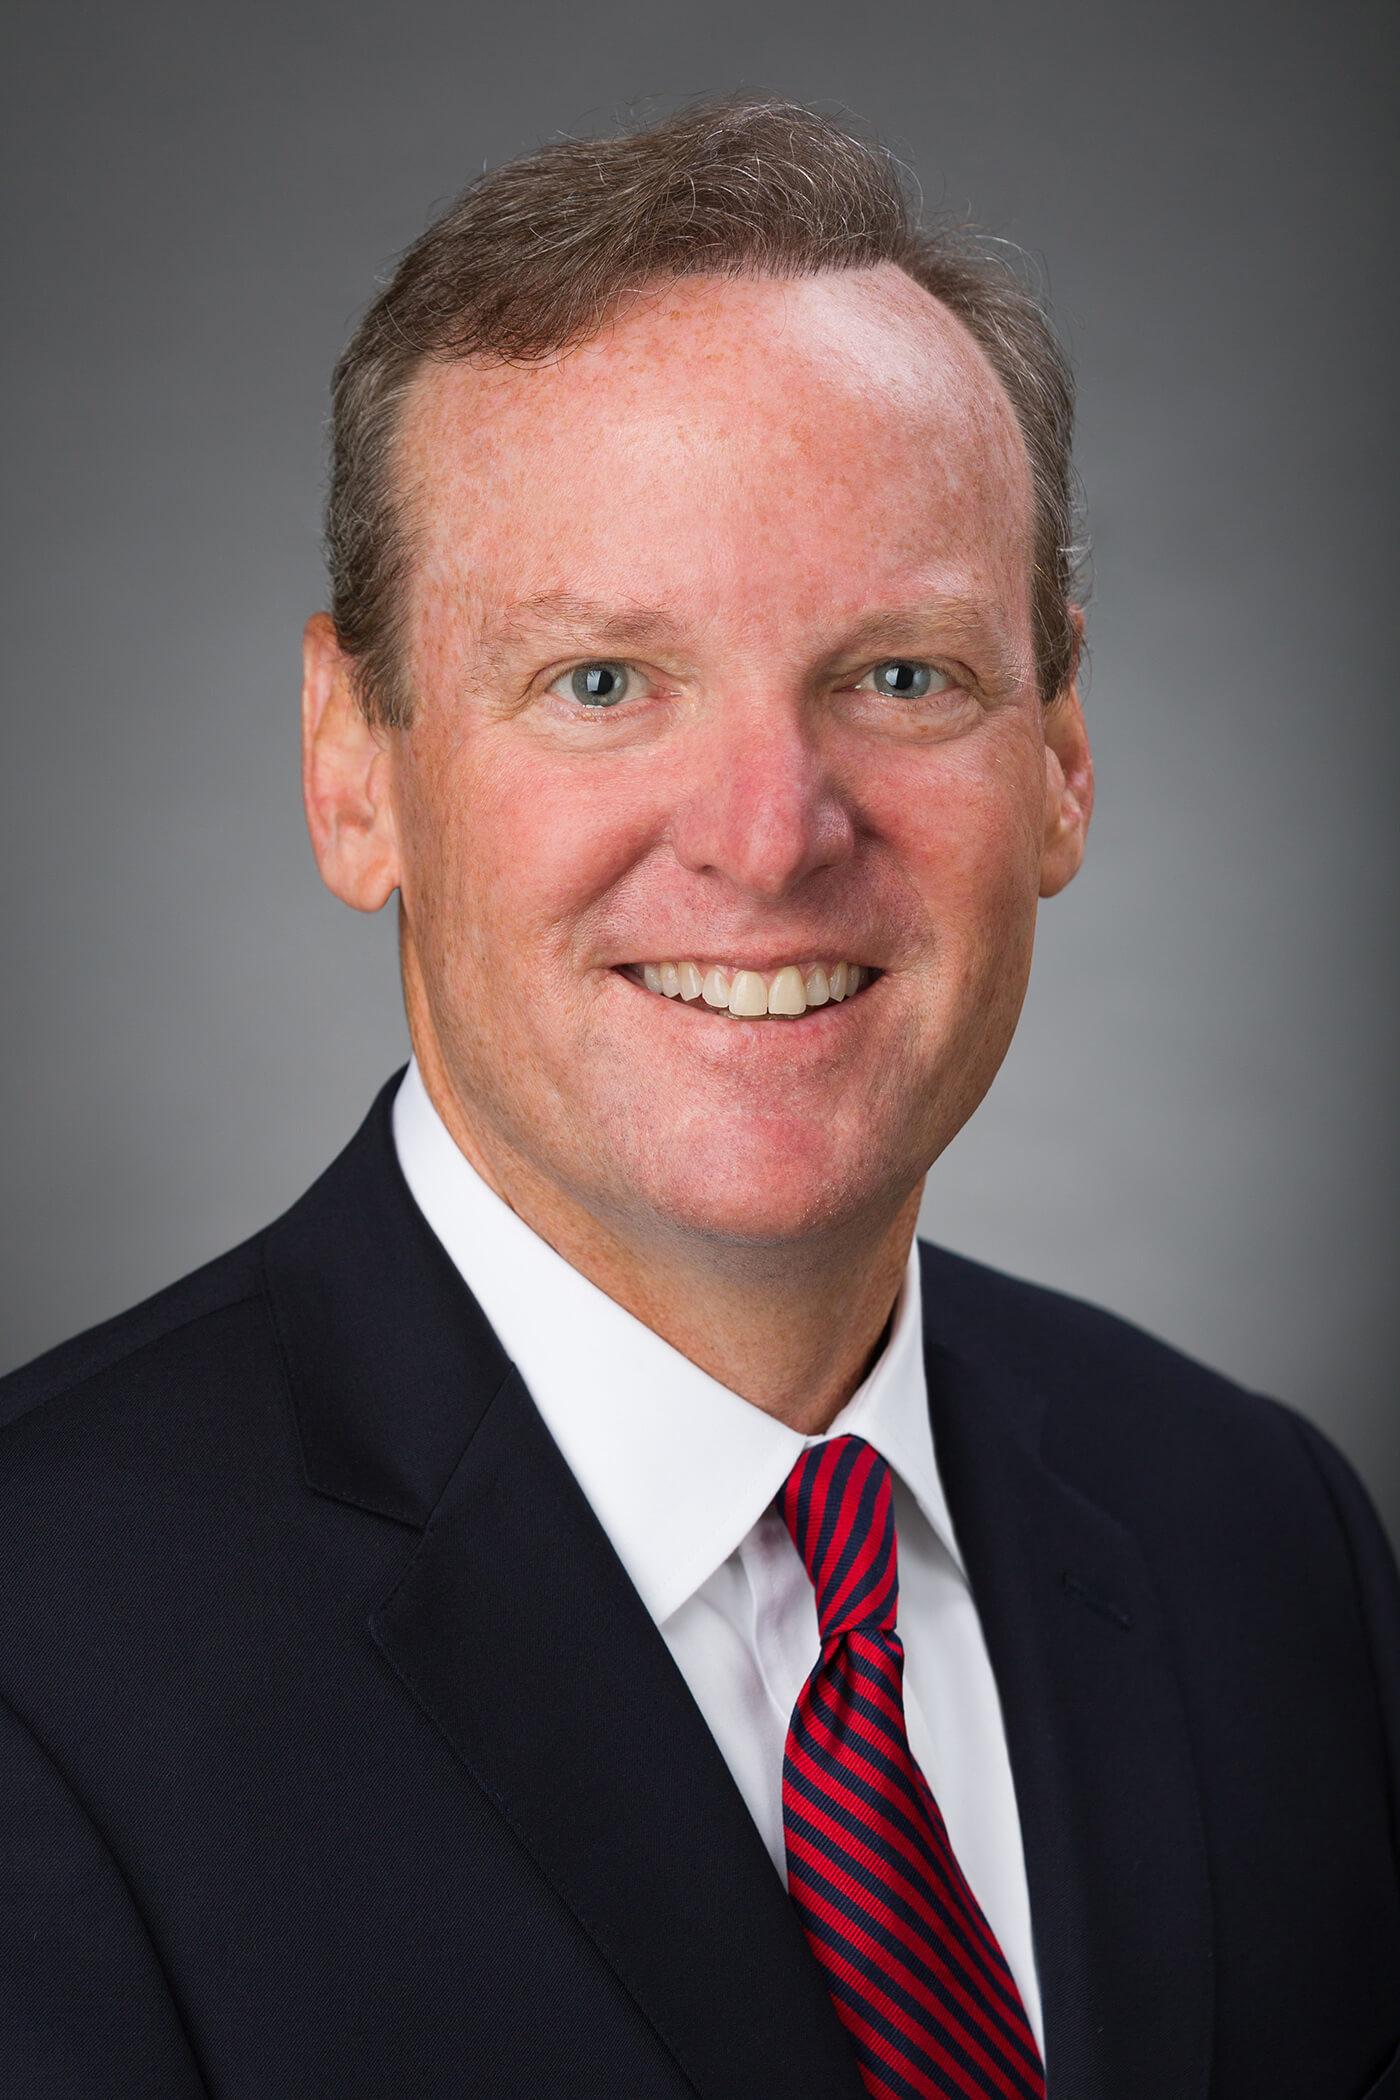 Kevin Tweddle